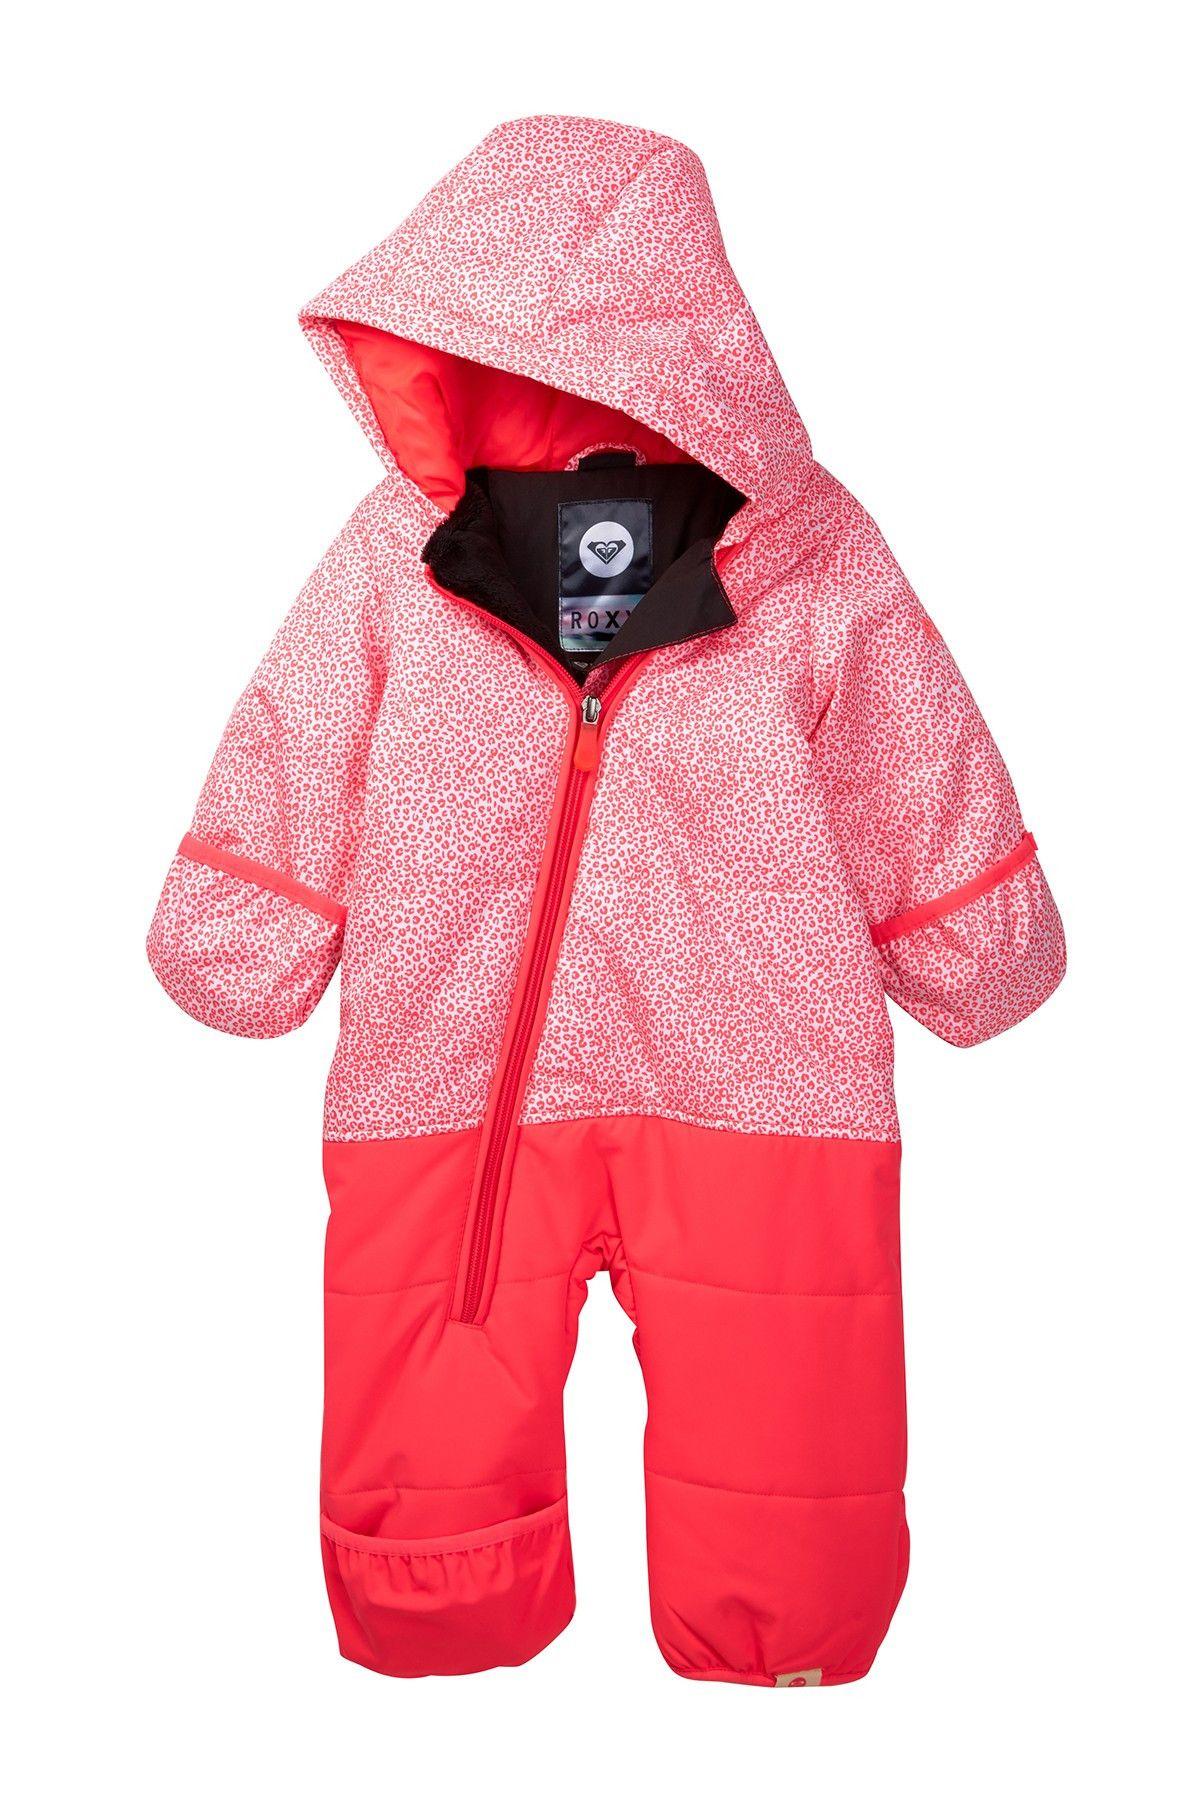 Rose Jumpsuit I Jacket Baby Girls